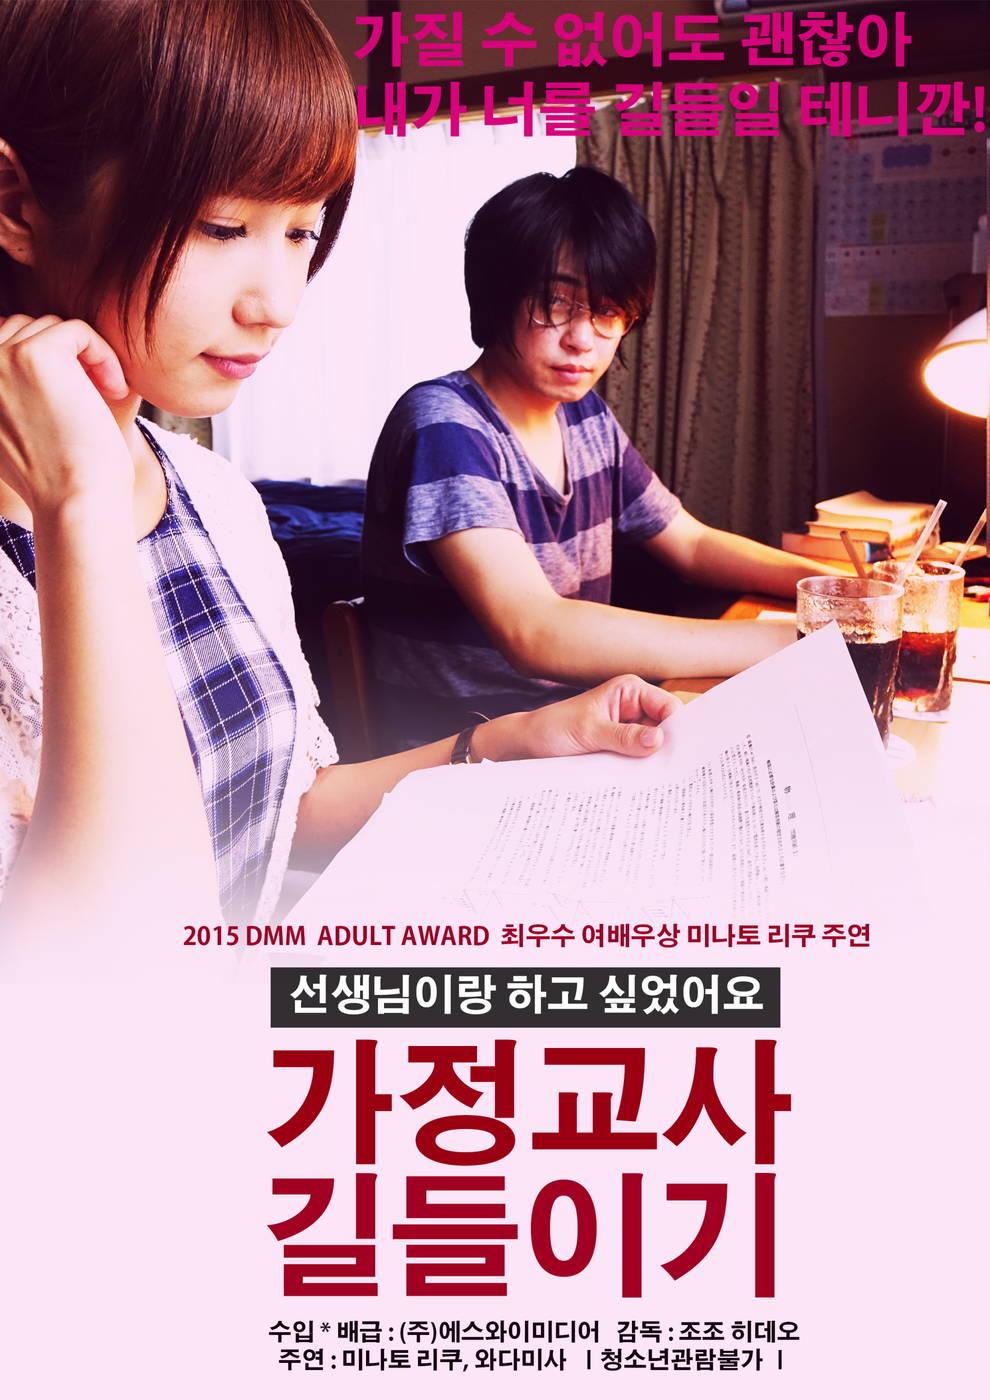 [ญี่ปุ่น 18+] Kinky Spiral (2016) 가정교사 길들이기 [Soundtrack ไม่มีบรรยายไทย]